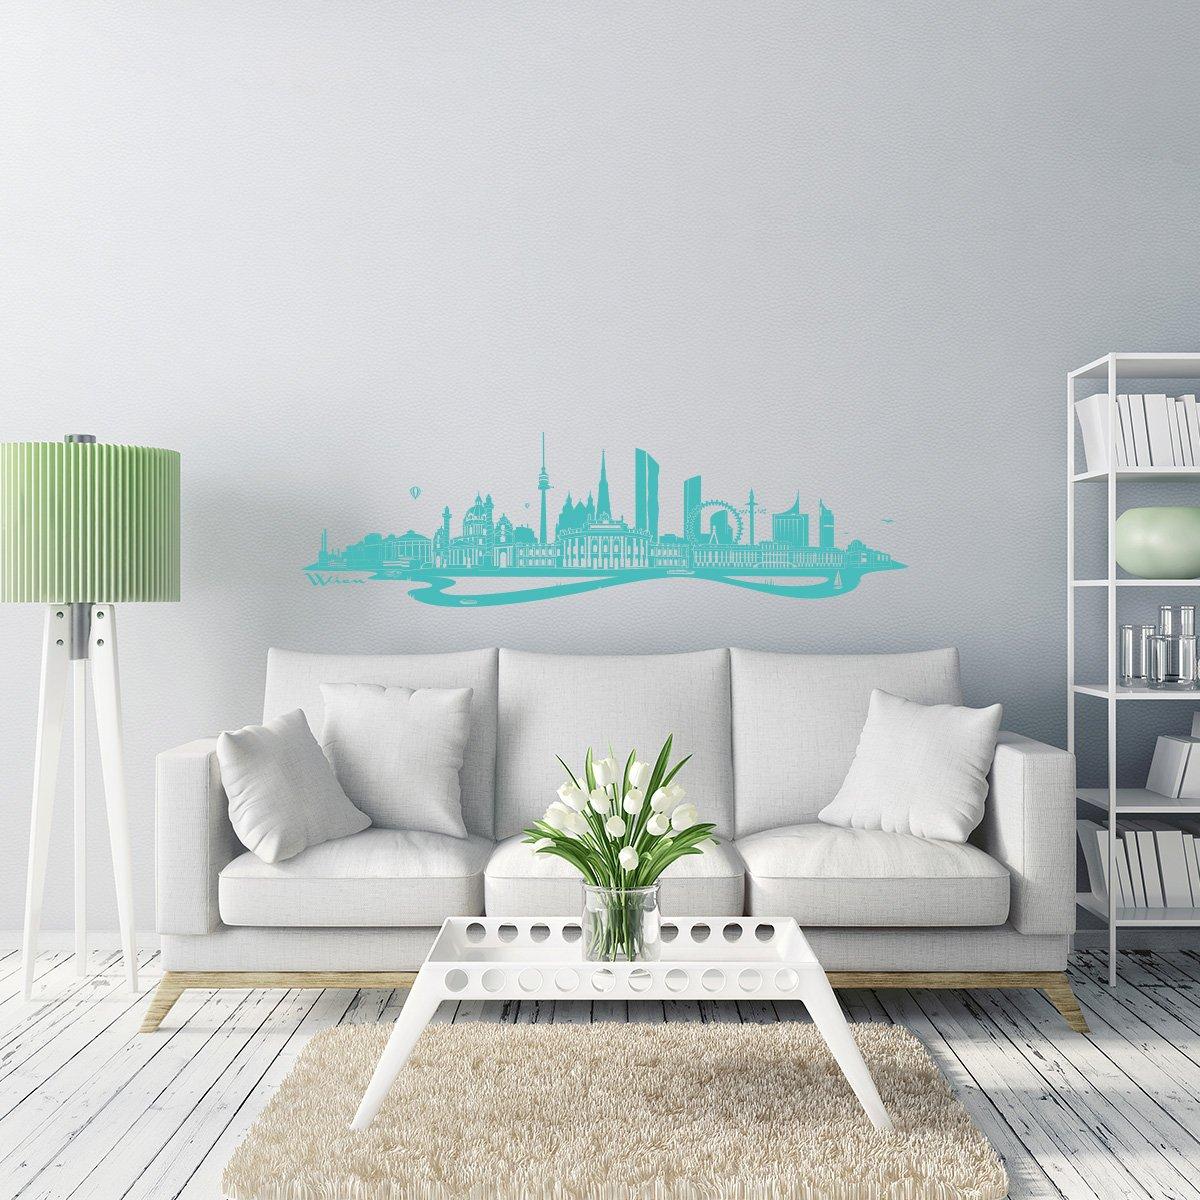 WANDKINGS Wandtattoo - Skyline Wien (mit Fluss) - 300 x x x 86 cm - Mittelgrau - Wähle aus 6 Größen & 35 Farben B078SGBX5G Wandtattoos & Wandbilder 75bb94